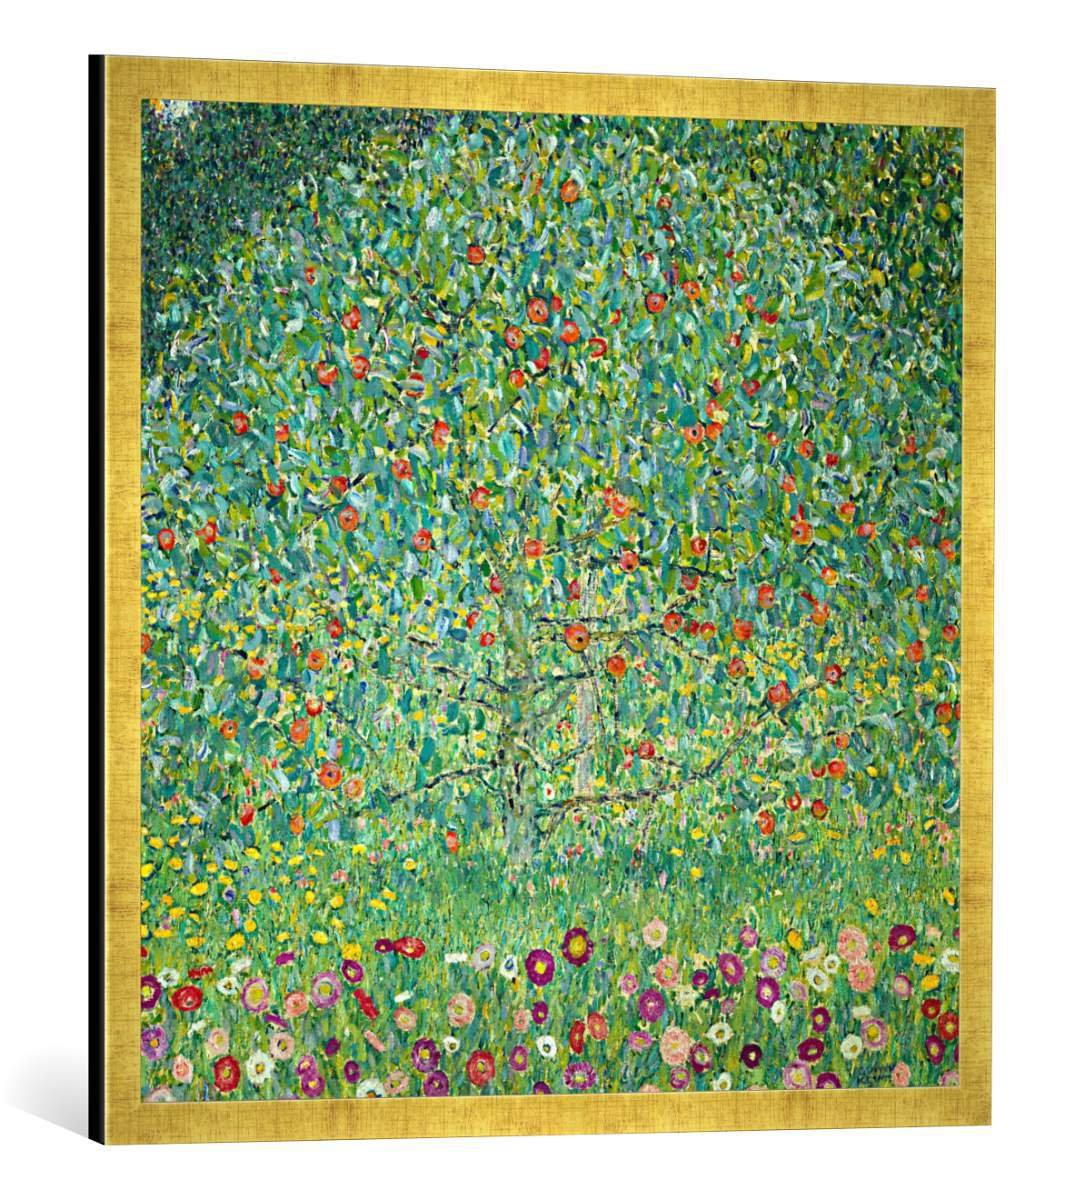 Gerahmtes Bild von Gustav Klimt Apfelbaum I, Kunstdruck im hochwertigen handgefertigten Bilder-Rahmen, 70x70 cm, Gold Raya